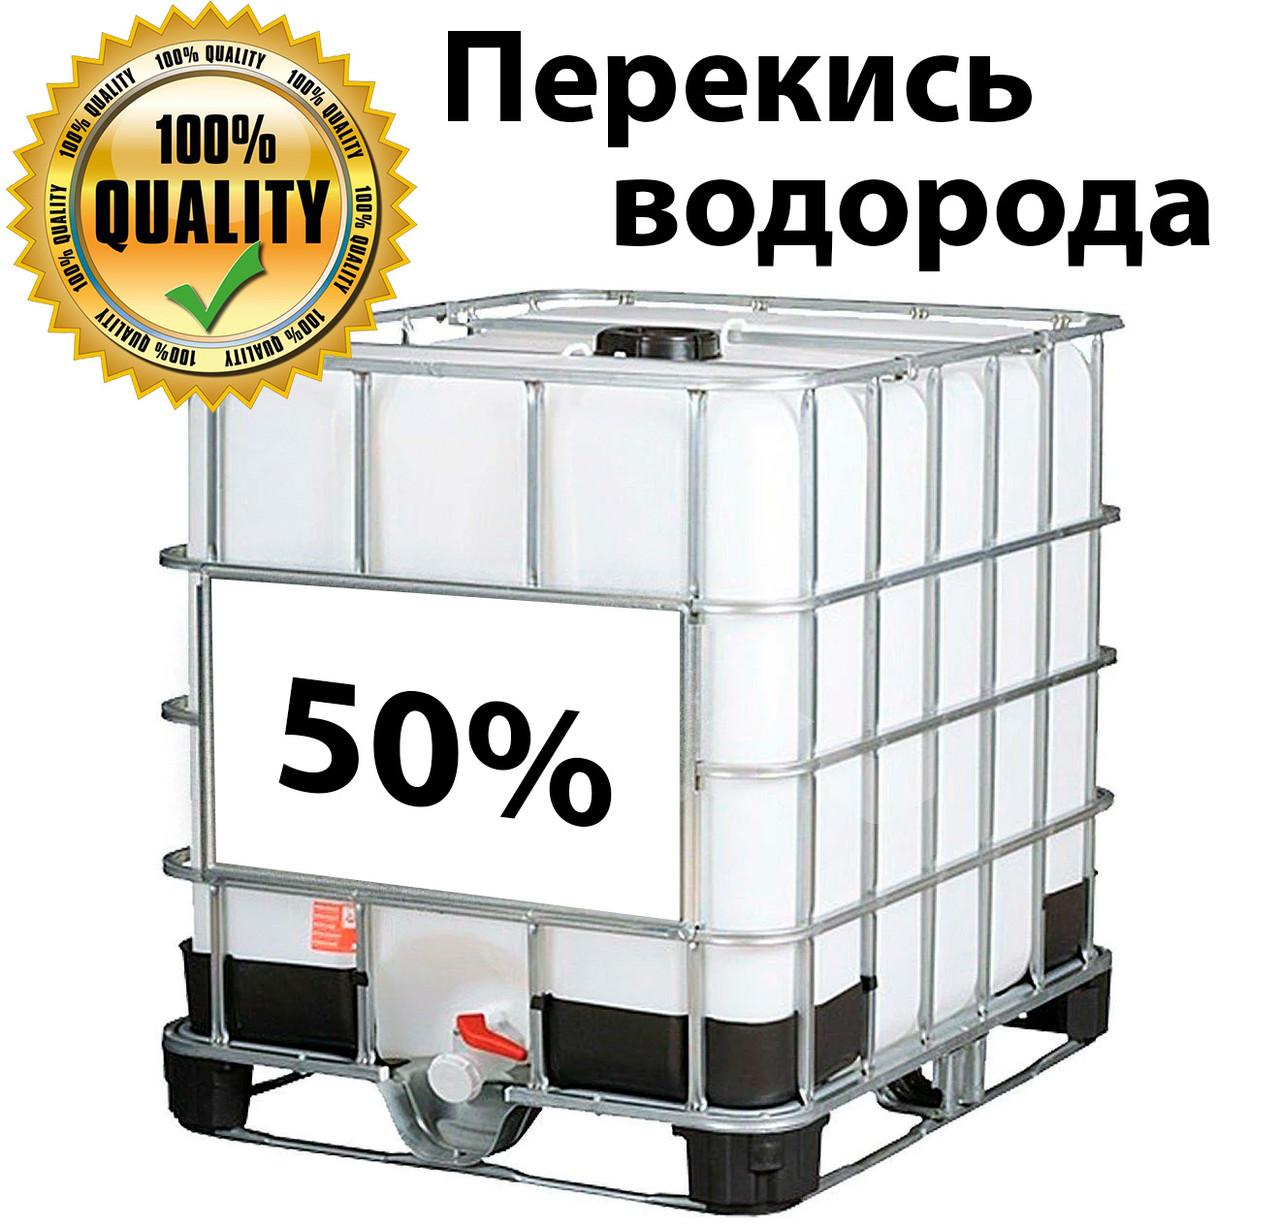 Пергидроль (перекись водорода) 50% в еврокубах